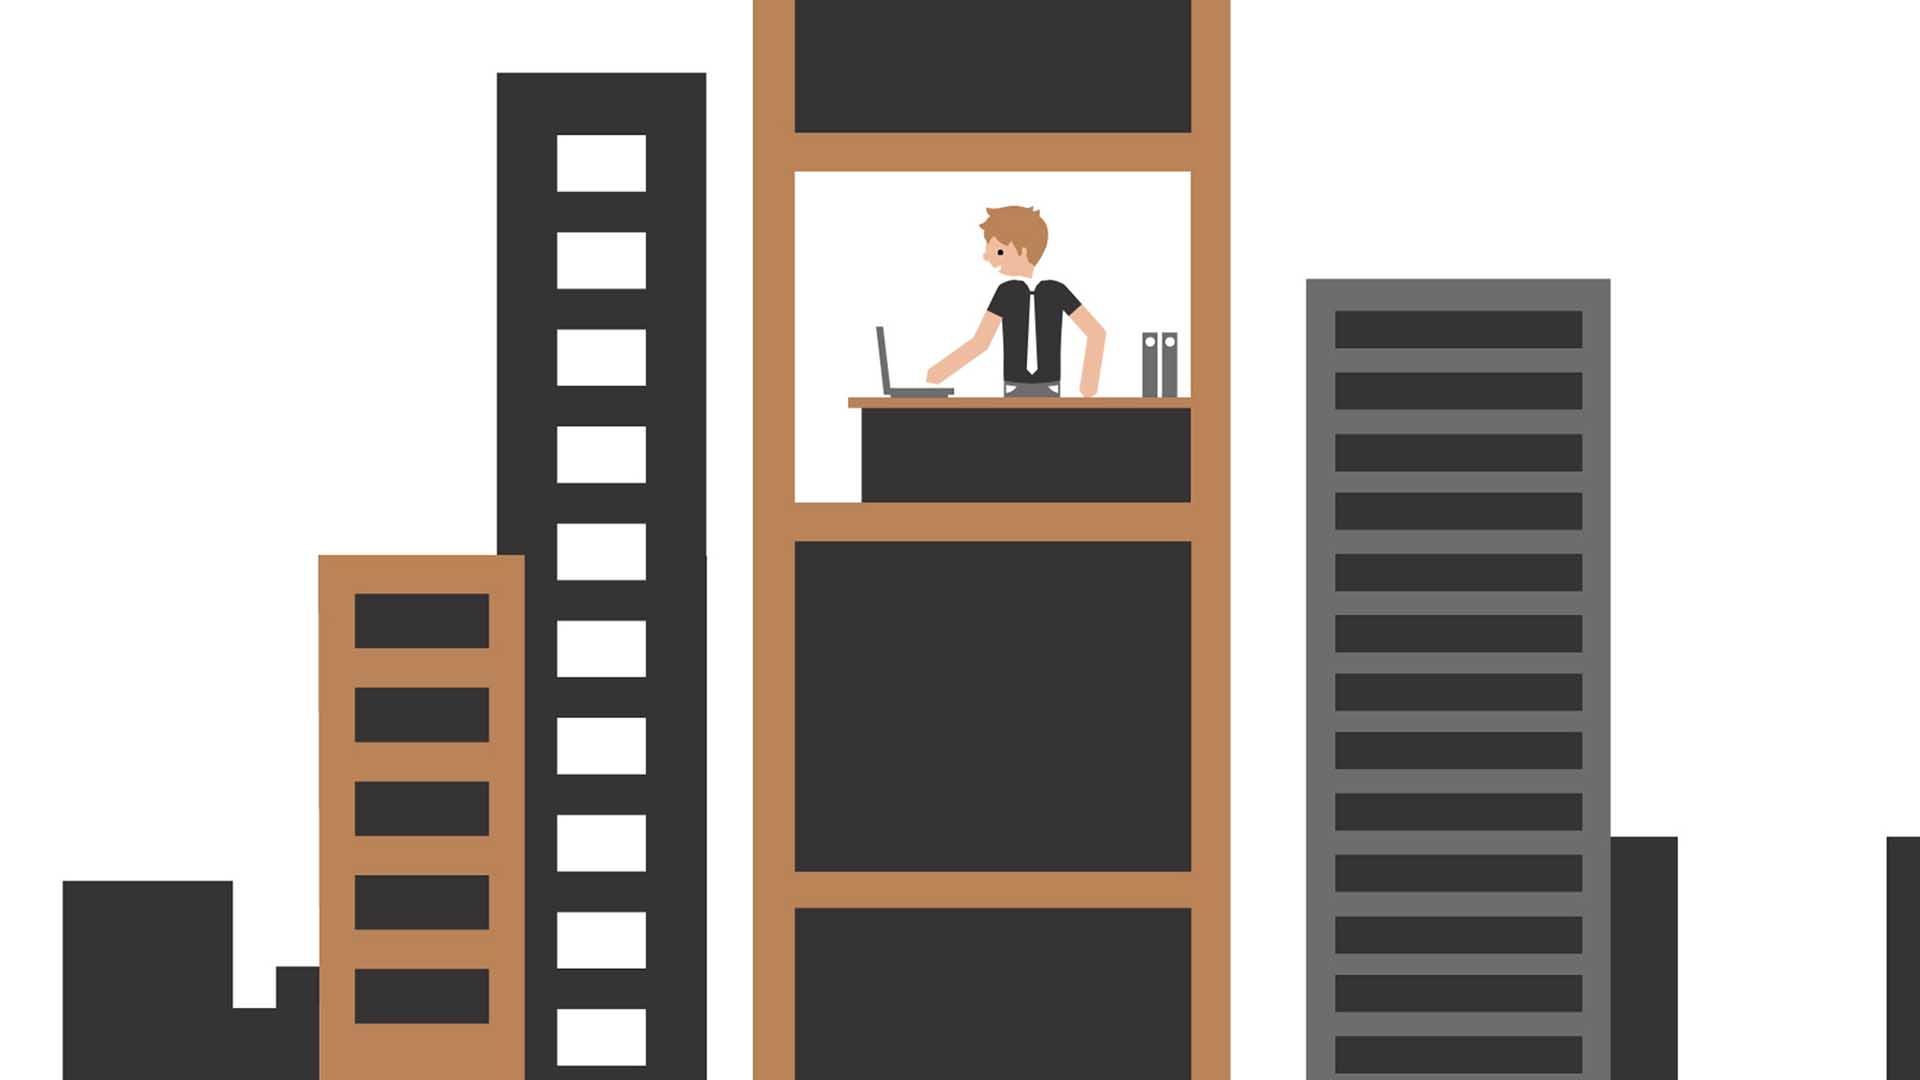 Das Bild zeigt einen Mann. Er ist animiert und befindet sich in einem Büro, dass man in der Mitte eines Hauses sehen kann da um das Haus herum Fensterfronten zu sehen sind. Neben dem Haus befinden sich hohe Regale. Das Bild dient als Sliderbild für den Portfolioeintrag PROGENIUM Erkärfilm von Panda Pictures.